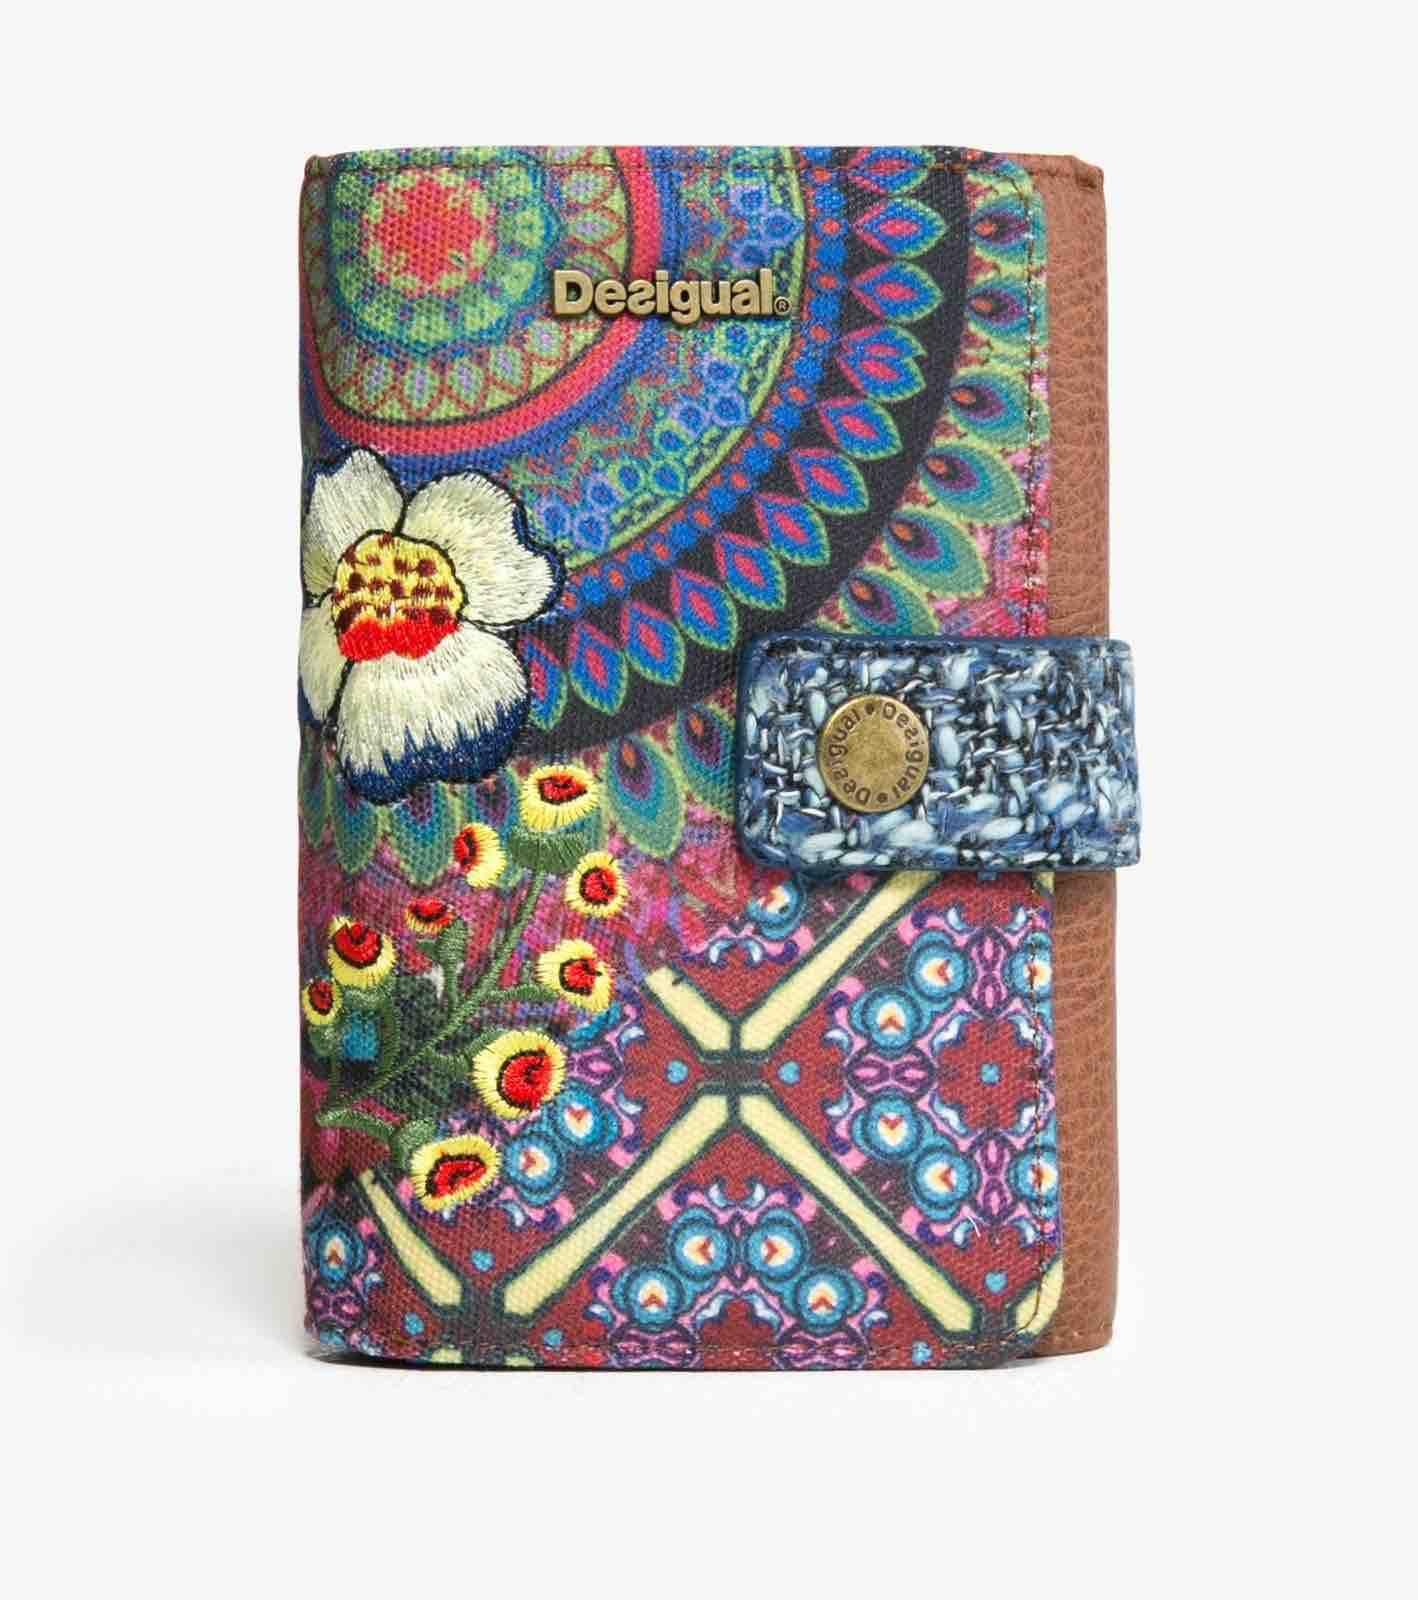 67Y53D4_3002 Desigual Wallet Lengueta S Garland Buy Online